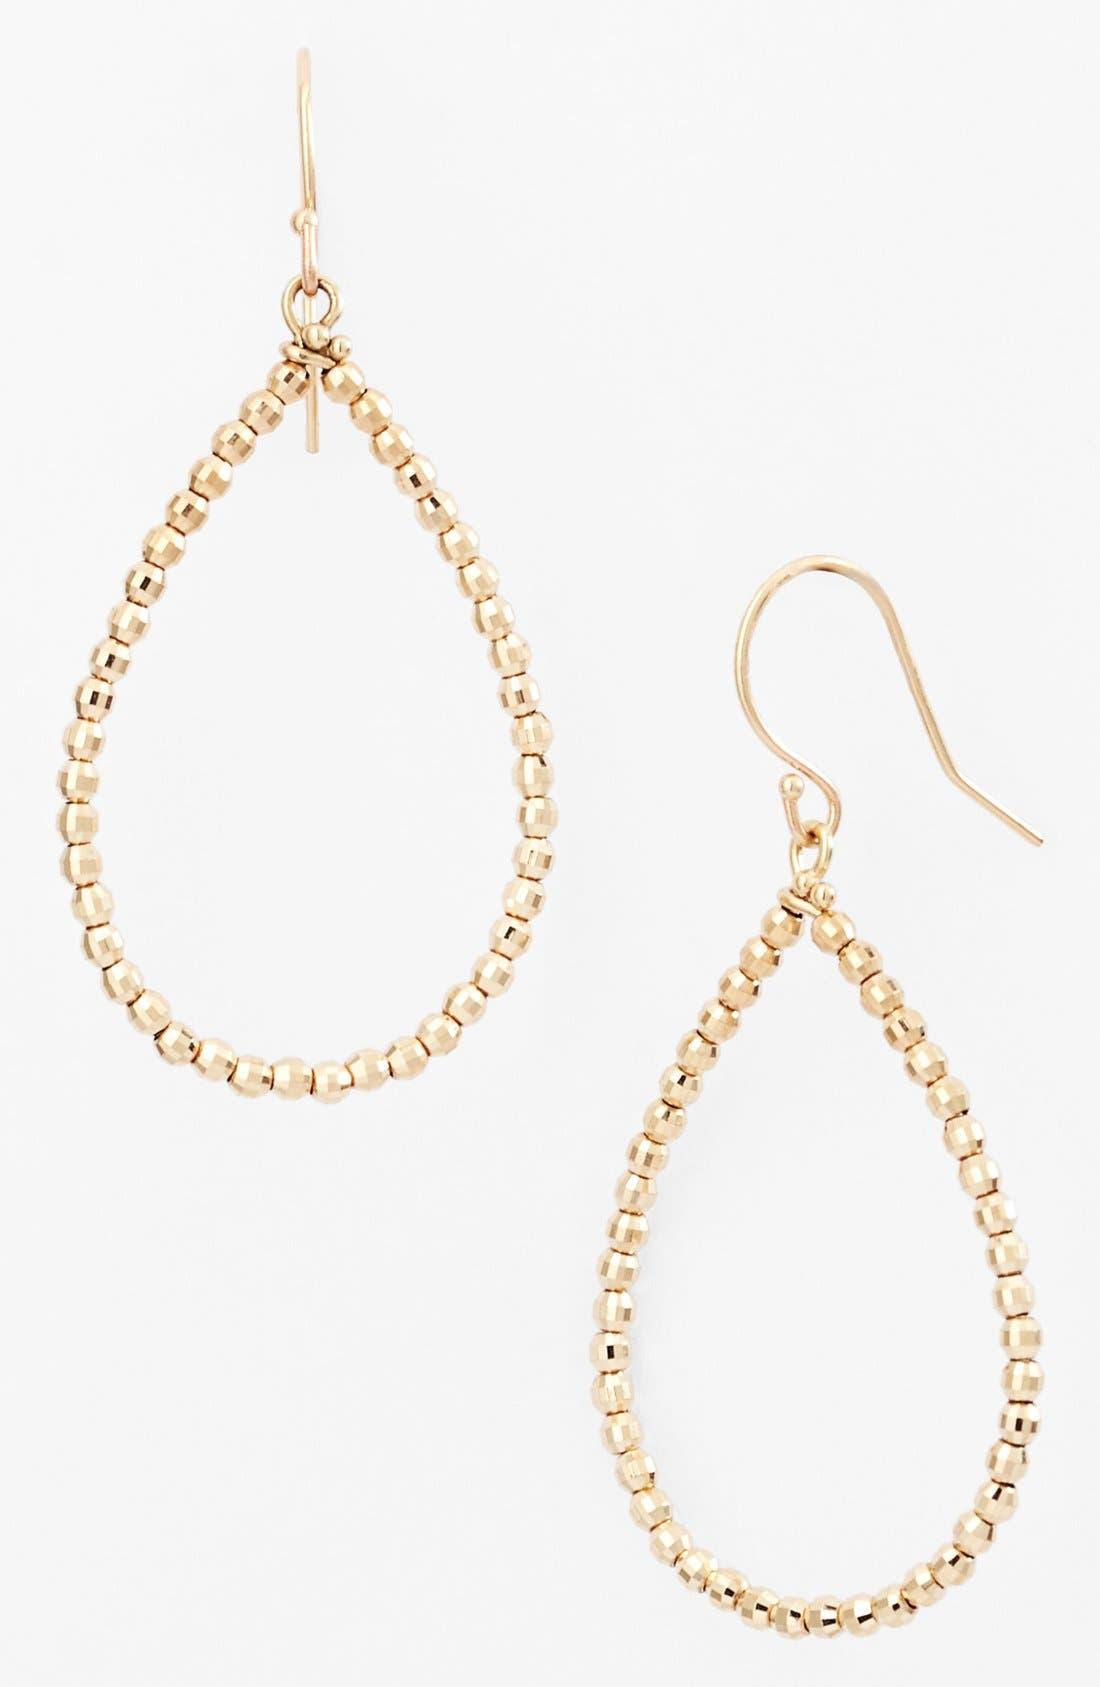 Main Image - Mizuki 'Cut Beads' Open Teardrop Earrings